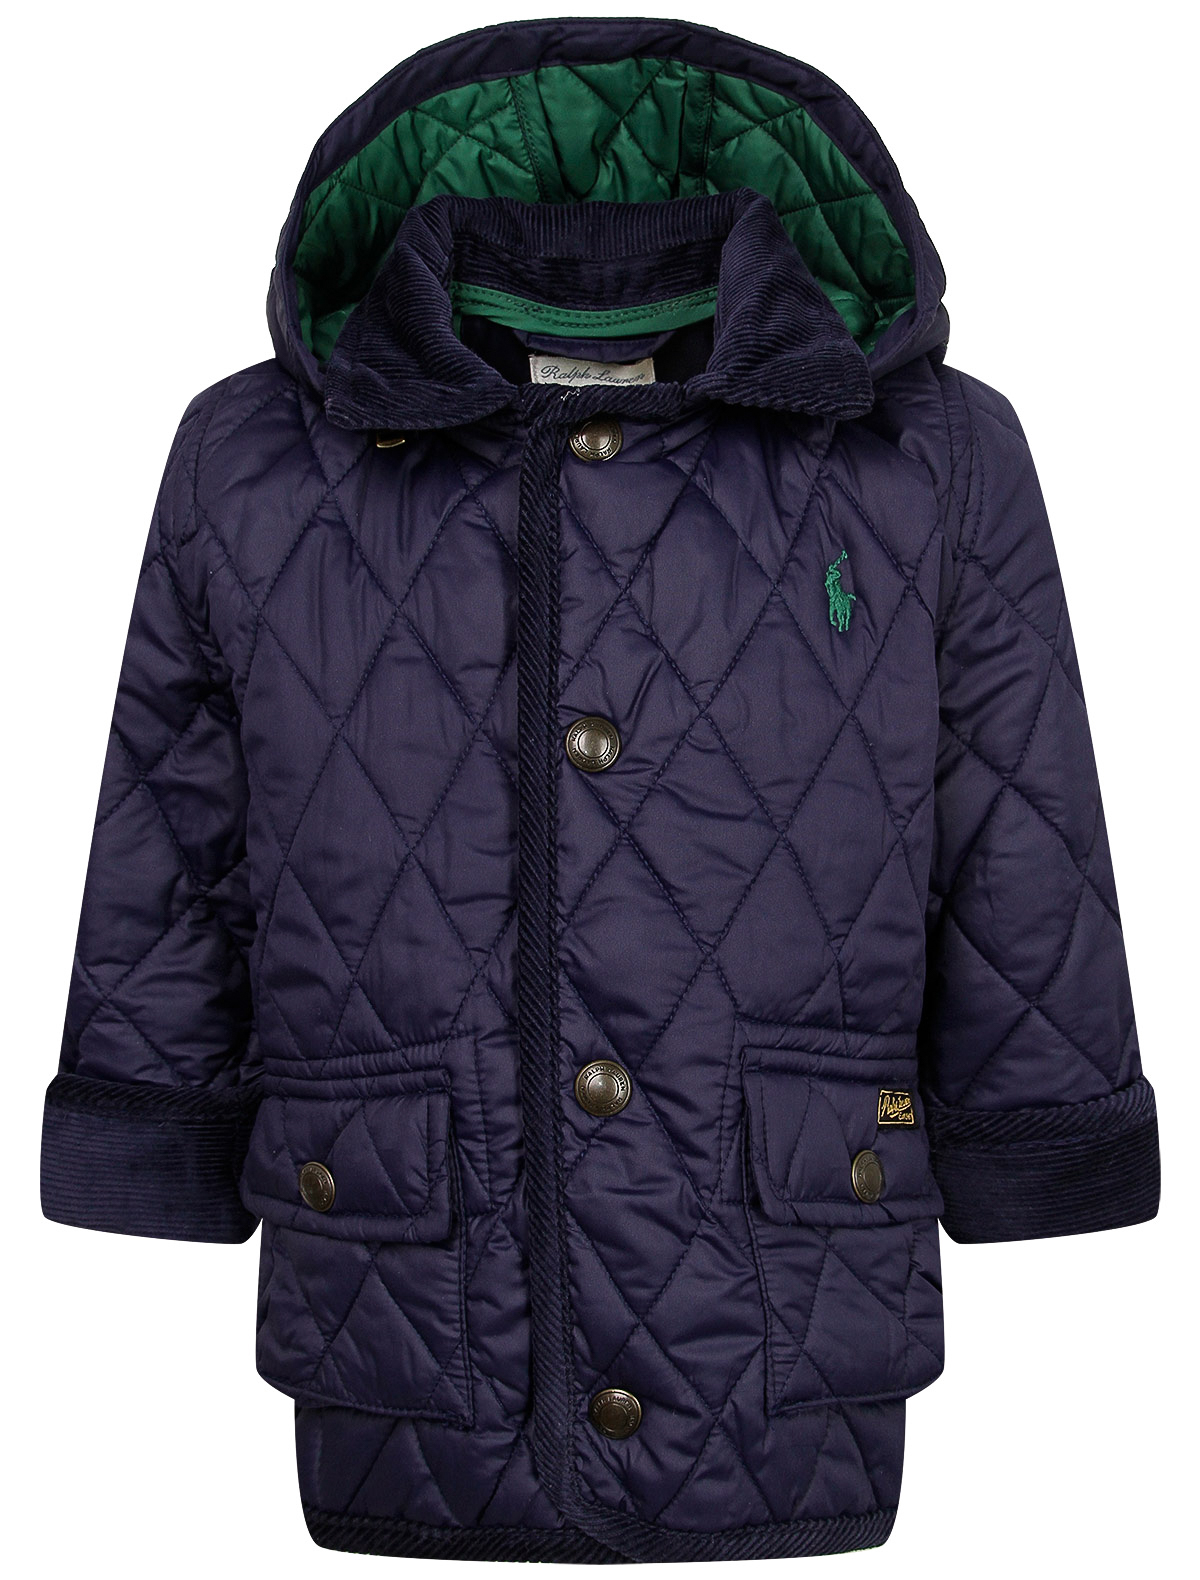 2252096, Куртка Ralph Lauren, синий, Мужской, 1074519085987  - купить со скидкой